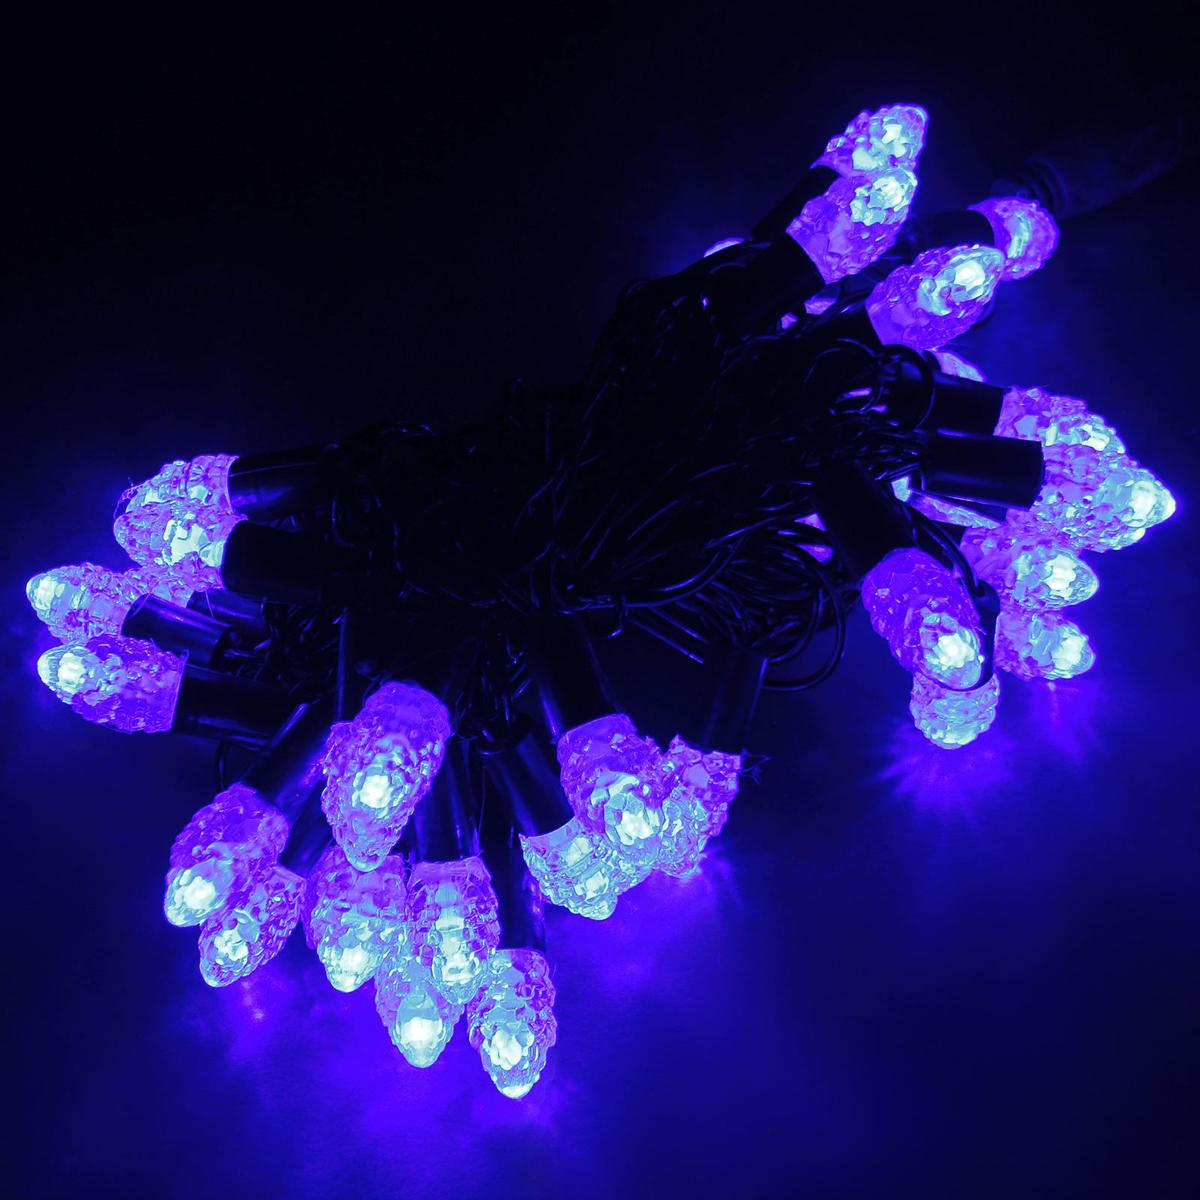 Гирлянда светодиодная Luazon Метраж. Растаявший лед, уличная с насадкой, фиксинг, 40 ламп, 220 V, 5 м, цвет: синий. 185566185566Светодиодные гирлянды, ленты и т.д. — это отличный вариант для новогоднего оформления интерьера или фасада. С их помощью помещение любого размера можно превратить в праздничный зал, а внешние элементы зданий, украшенные ими, мгновенно станут напоминать очертания сказочного дворца. Такие украшения создают ауру предвкушения чуда. Деревья, фасады, витрины, окна и арки будто специально созданы, чтобы вы украсили их светящимися нитями.